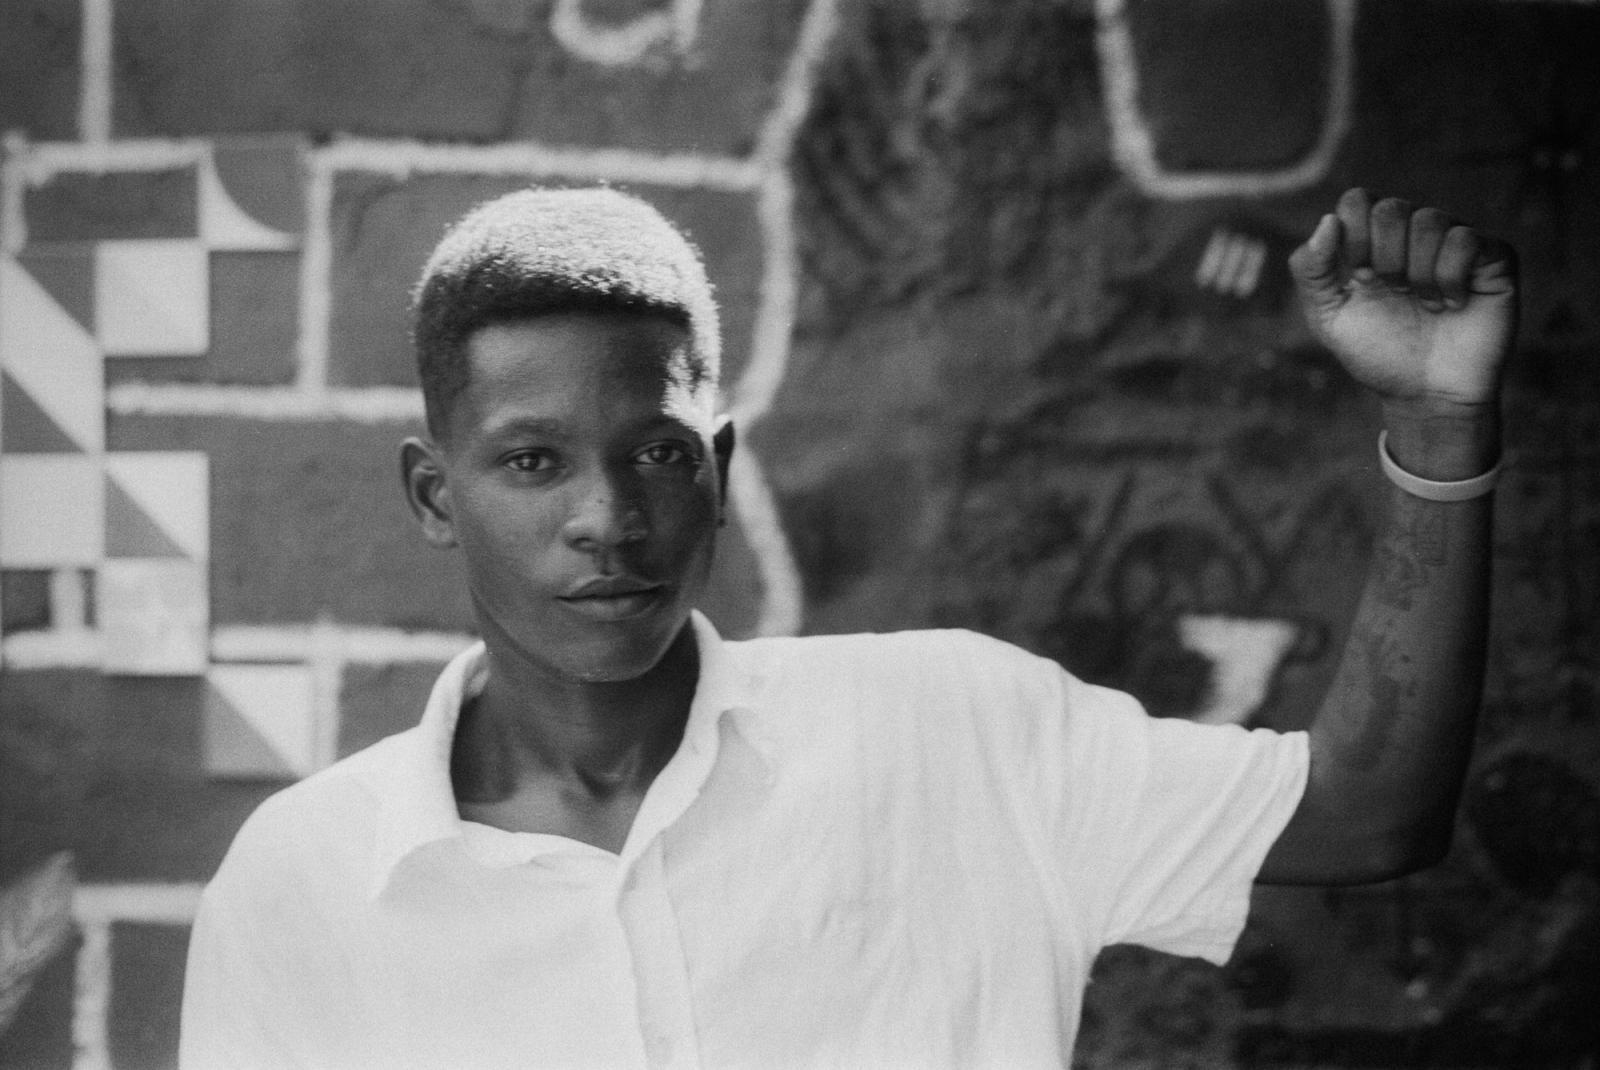 Cuban teenager, Havana